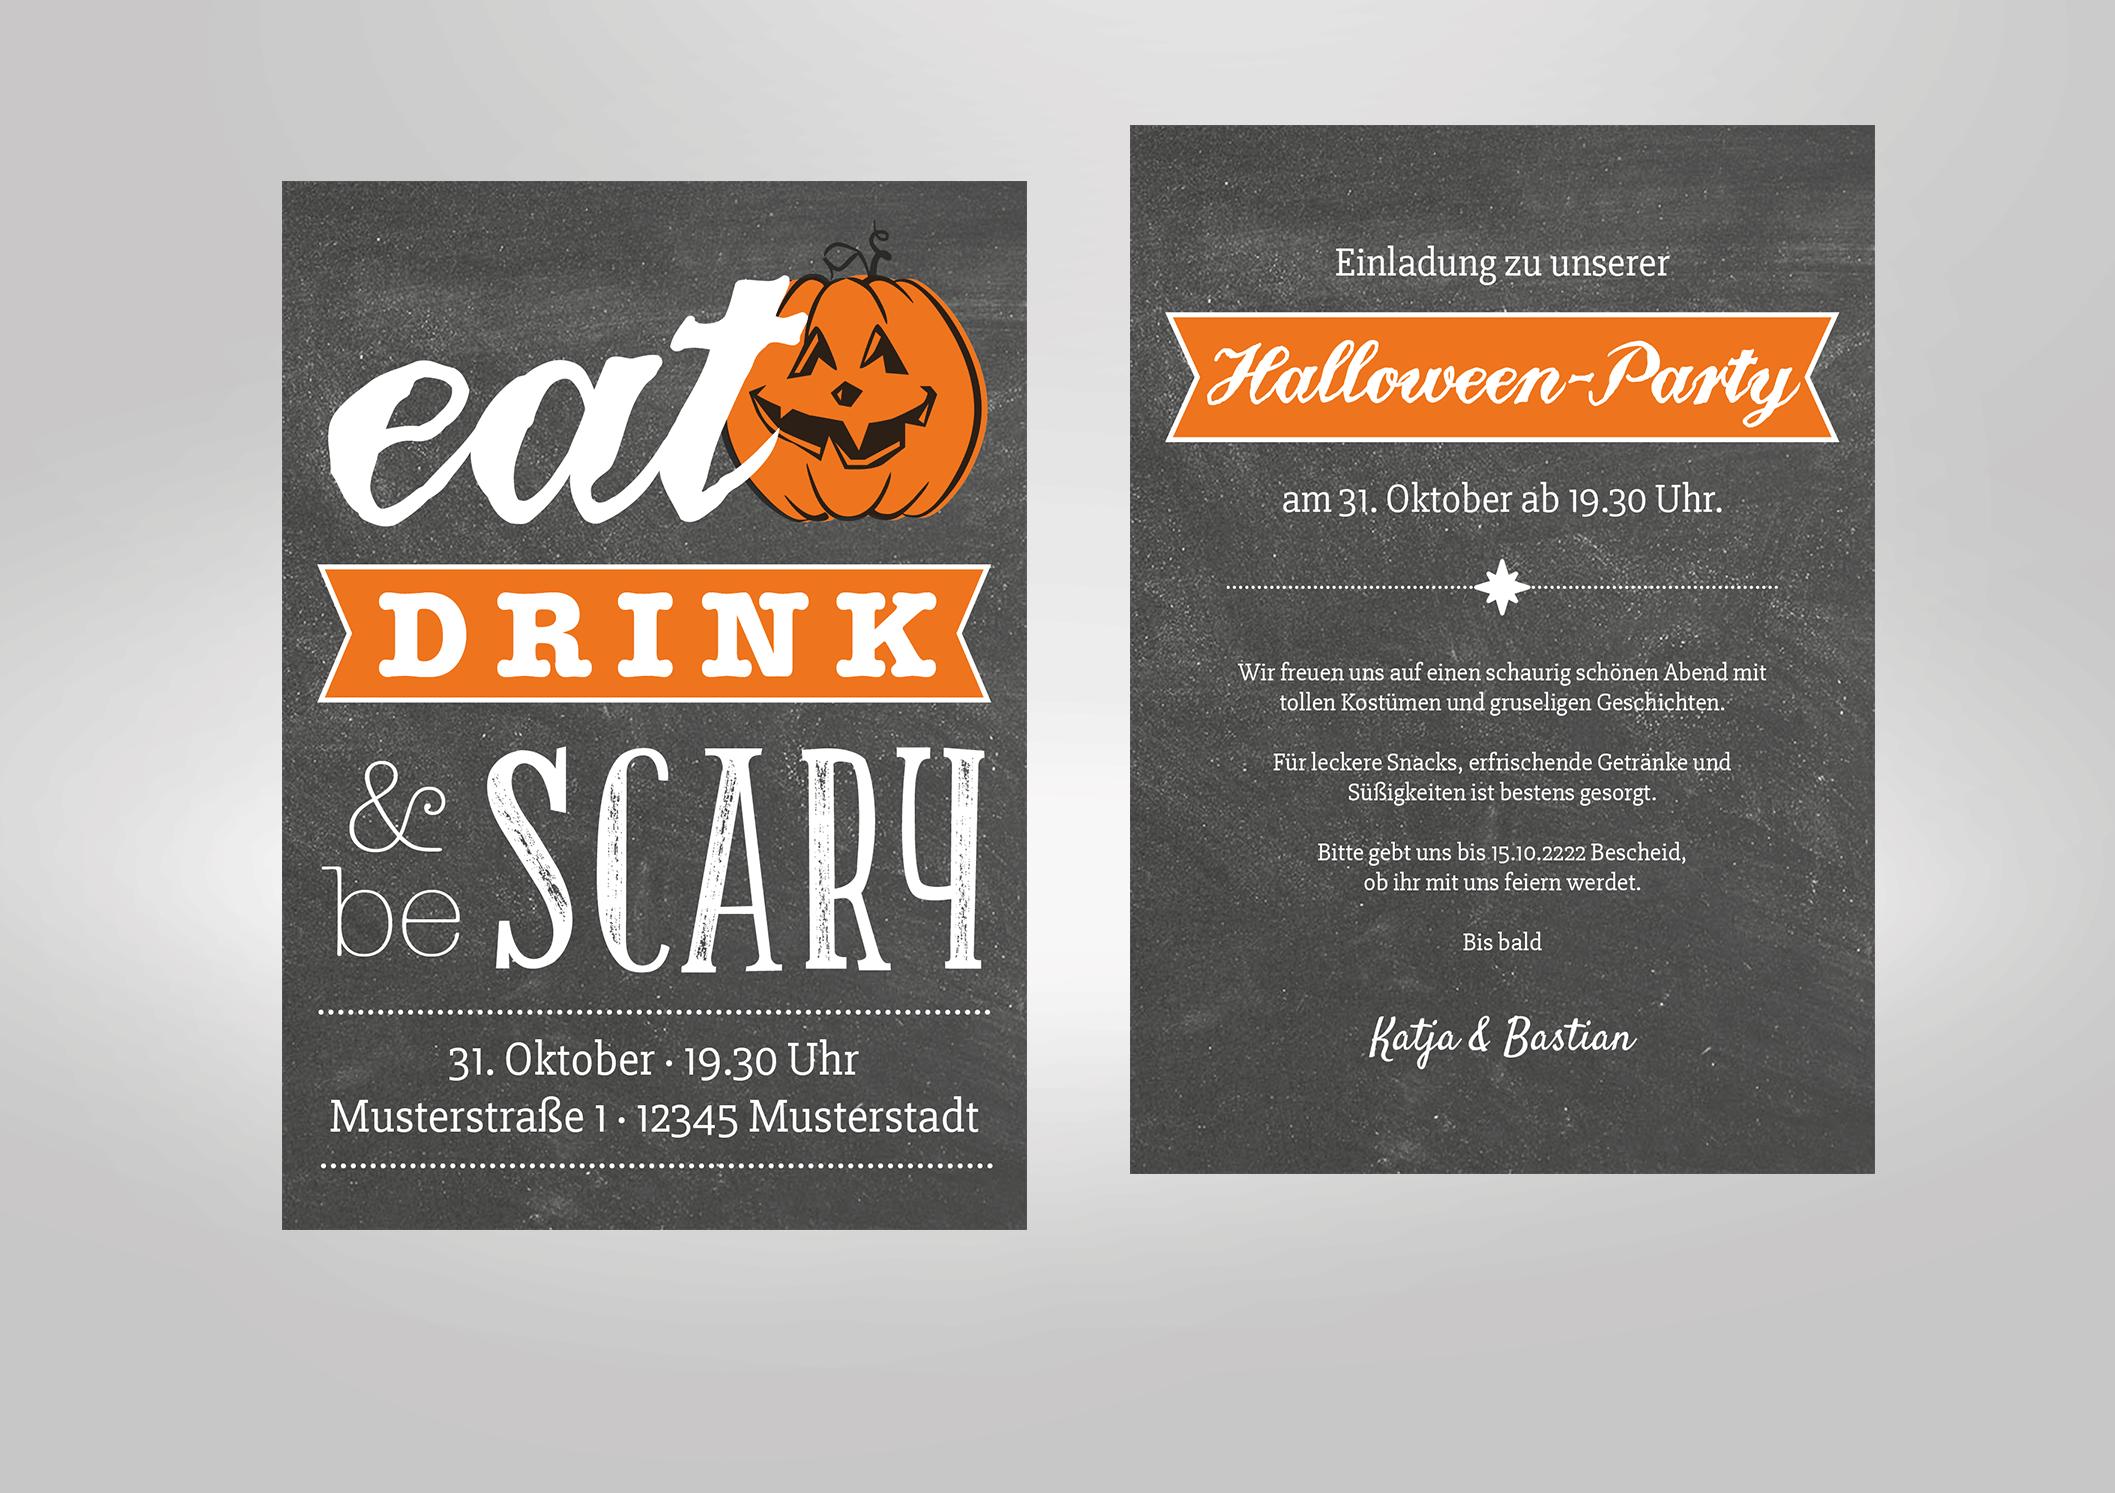 Einladung zur Halloweenparty mit Kürbissent